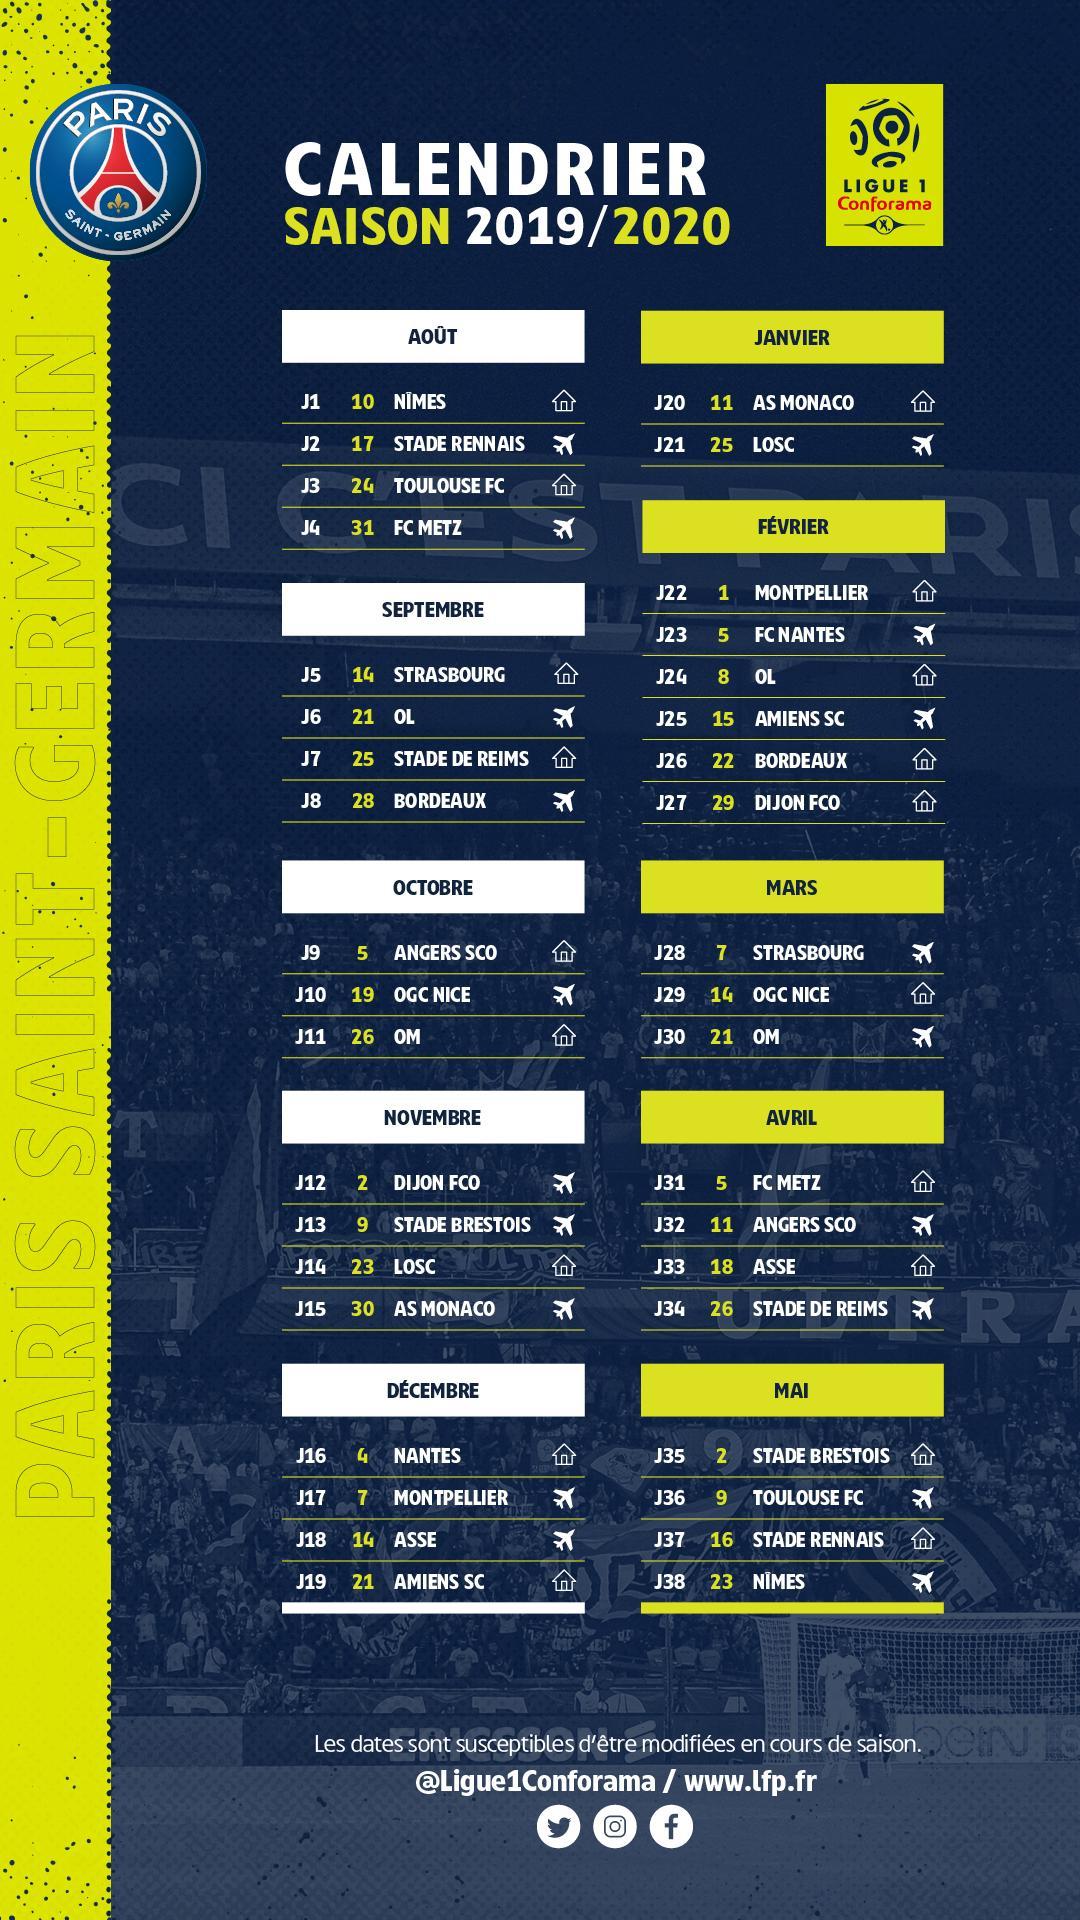 Copa America Calendrier.Le Calendrier 2019 2020 Integral Du Psg